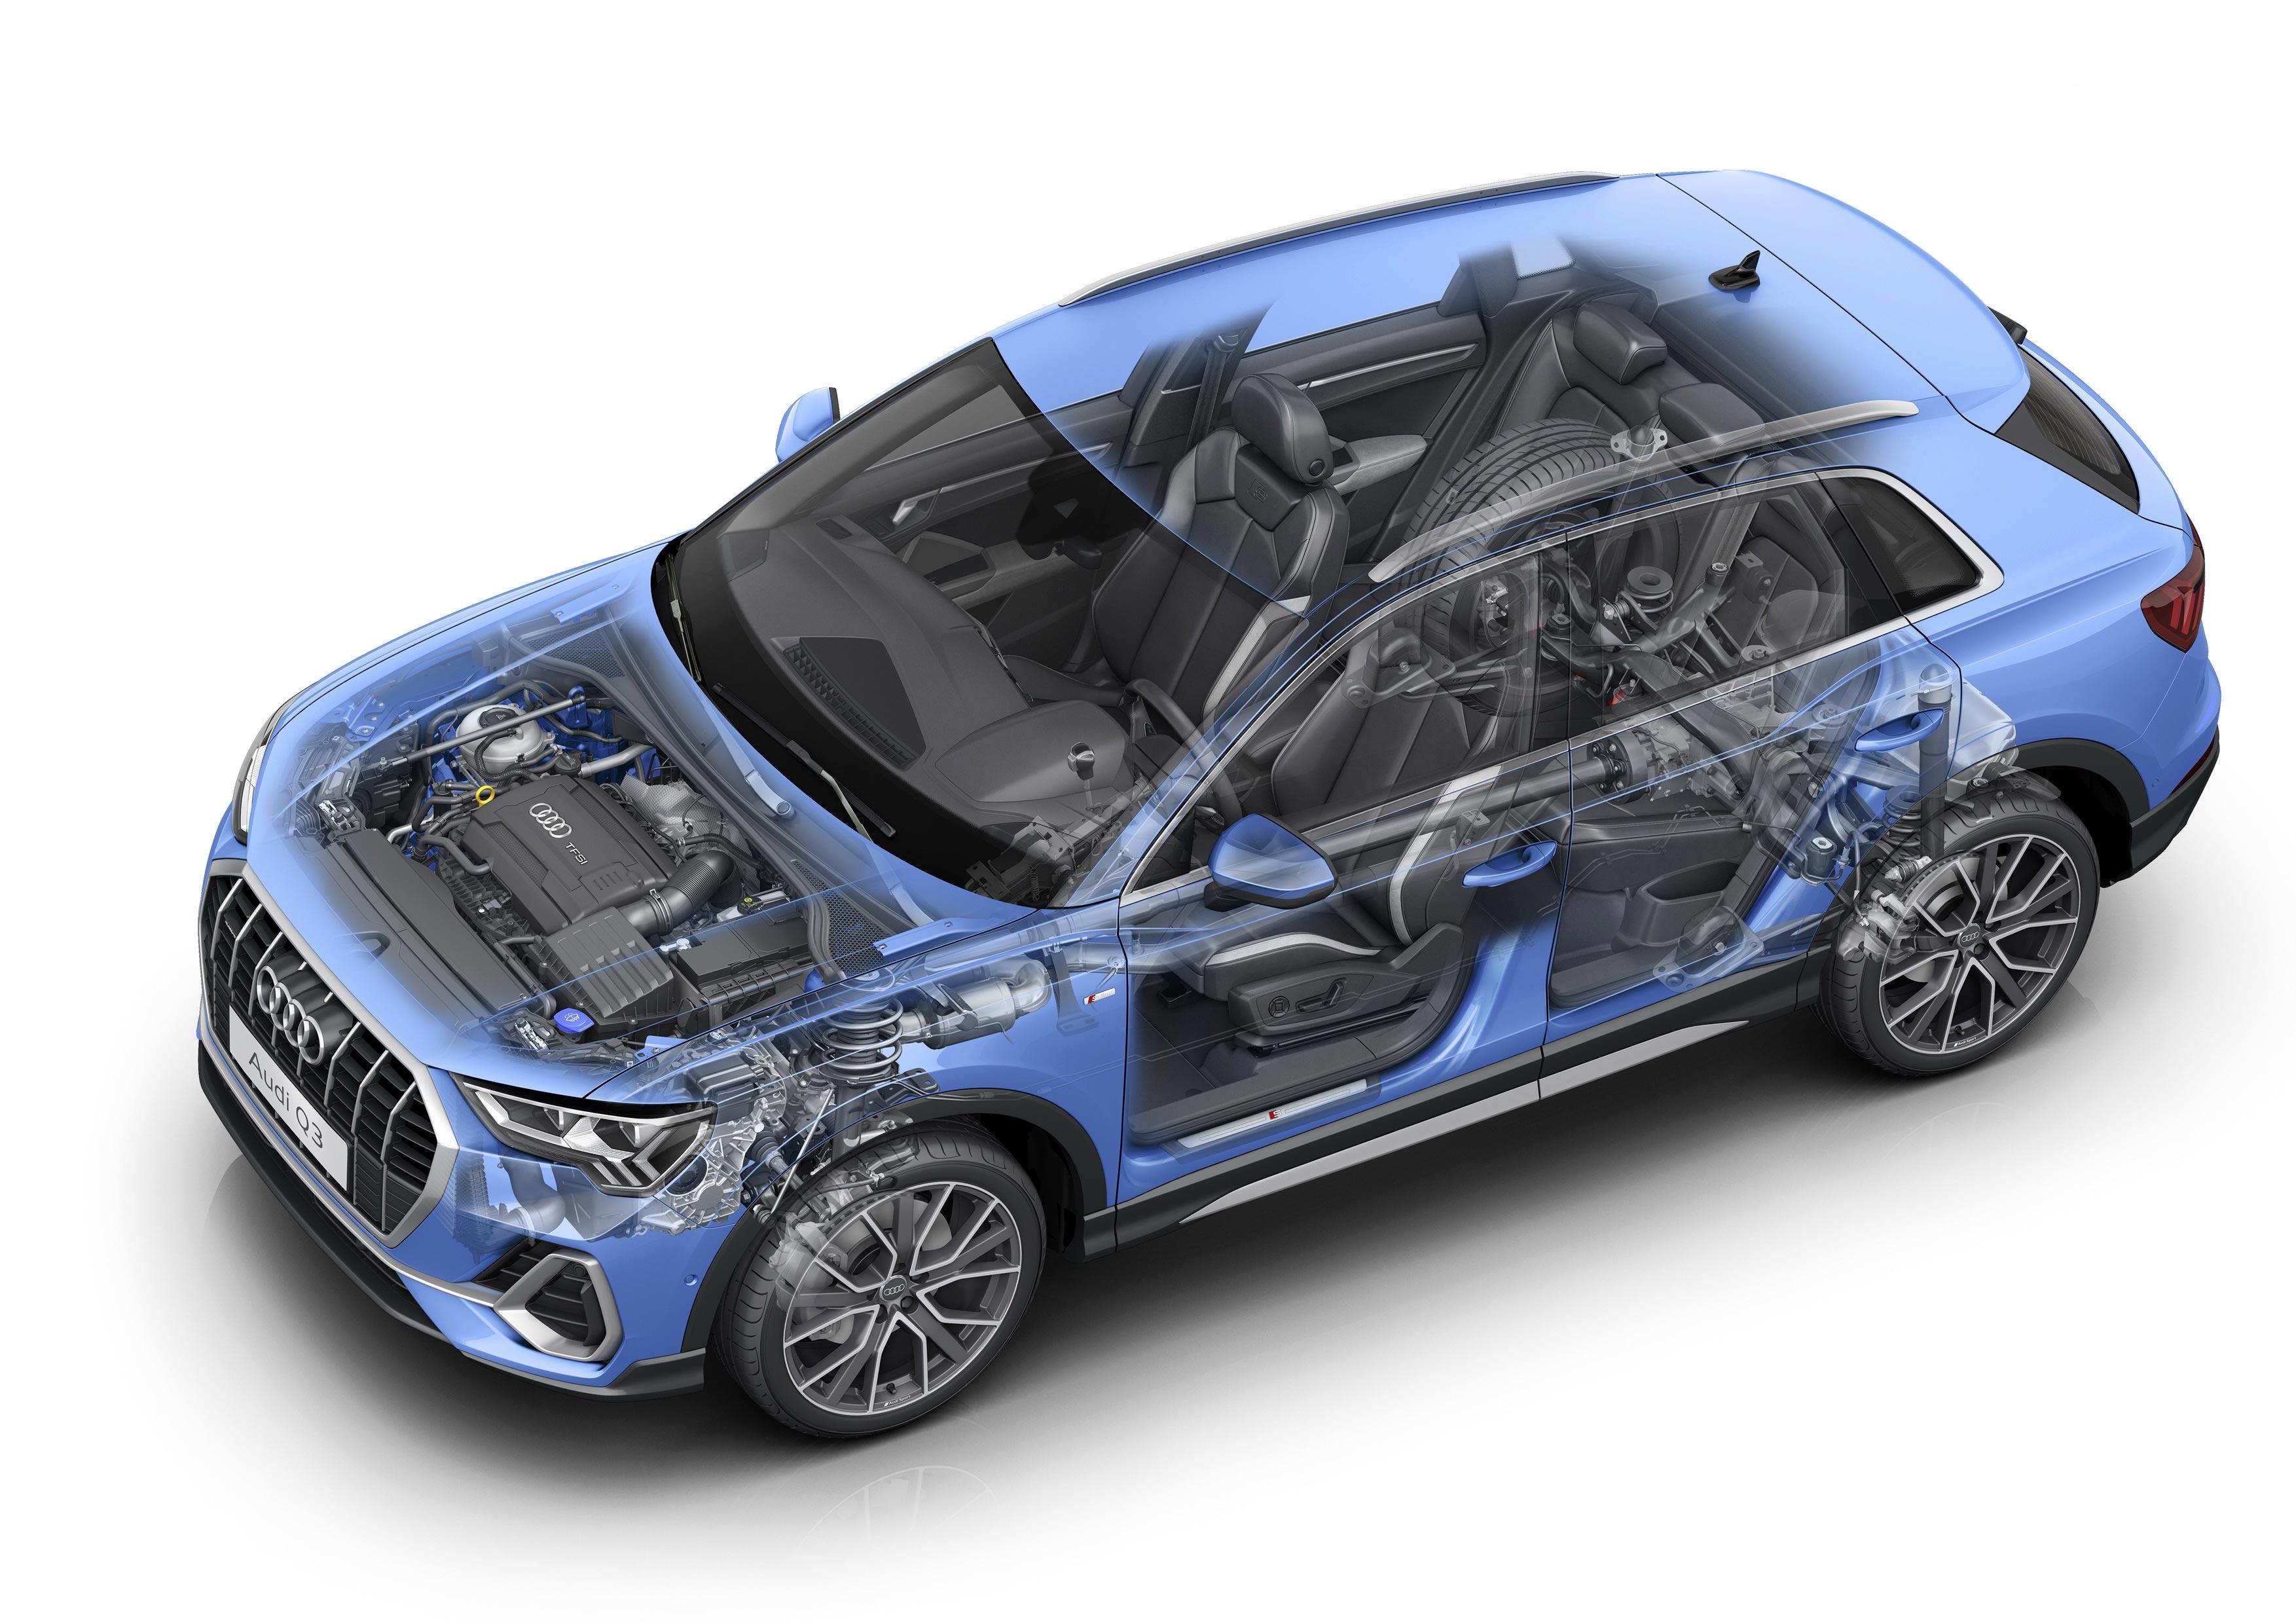 Audi Q3 quattro S-line cutaway drawing